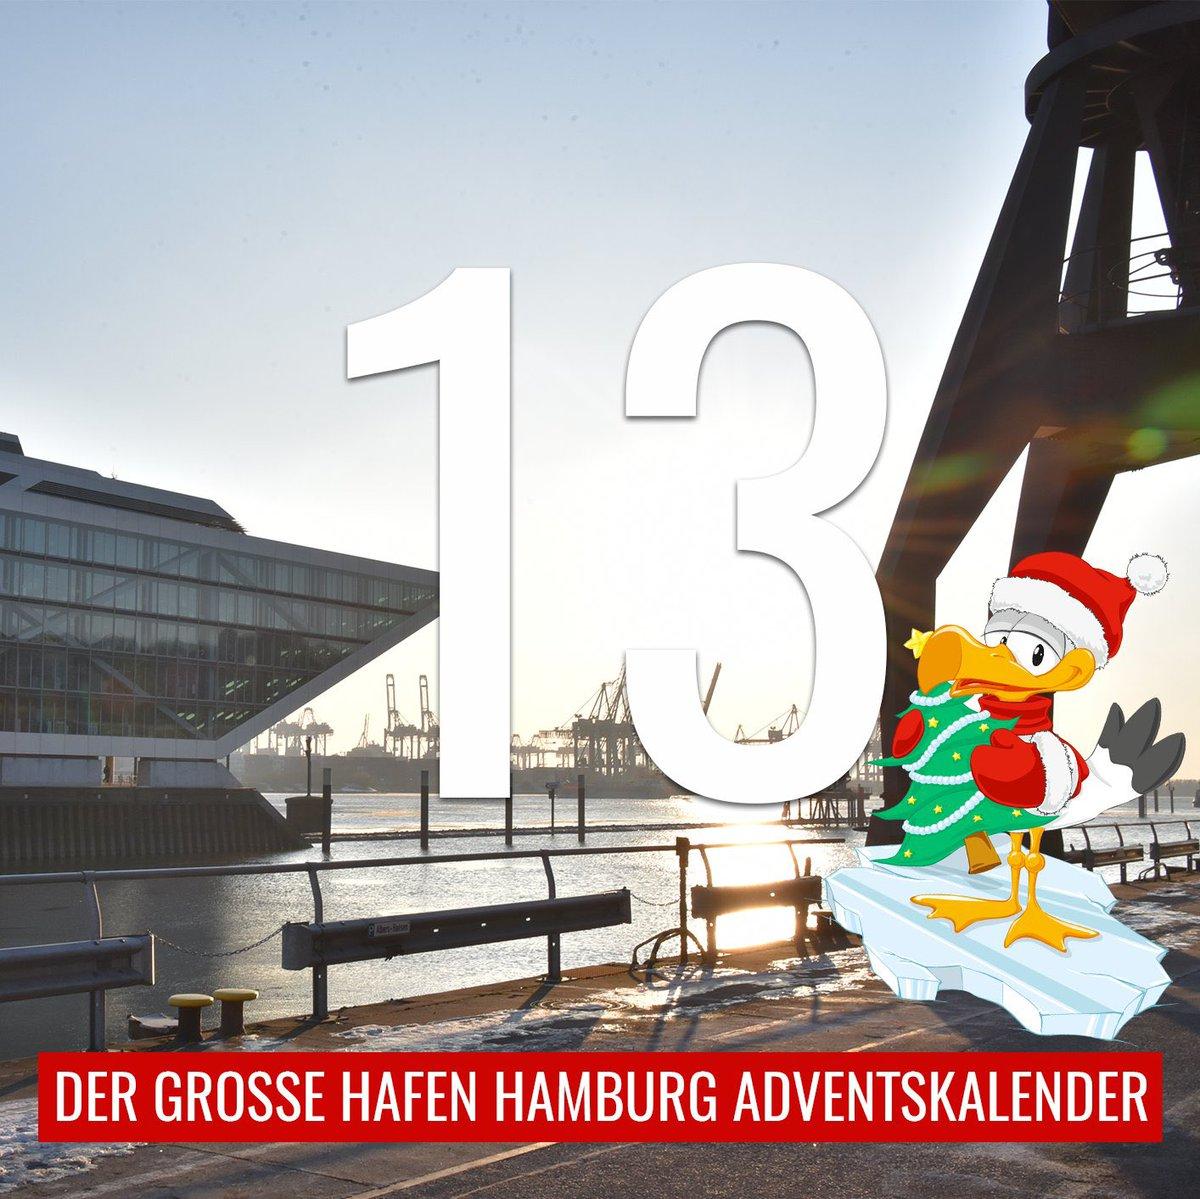 Hafen Hamburg(@PortofHamburg)さん | Twitter